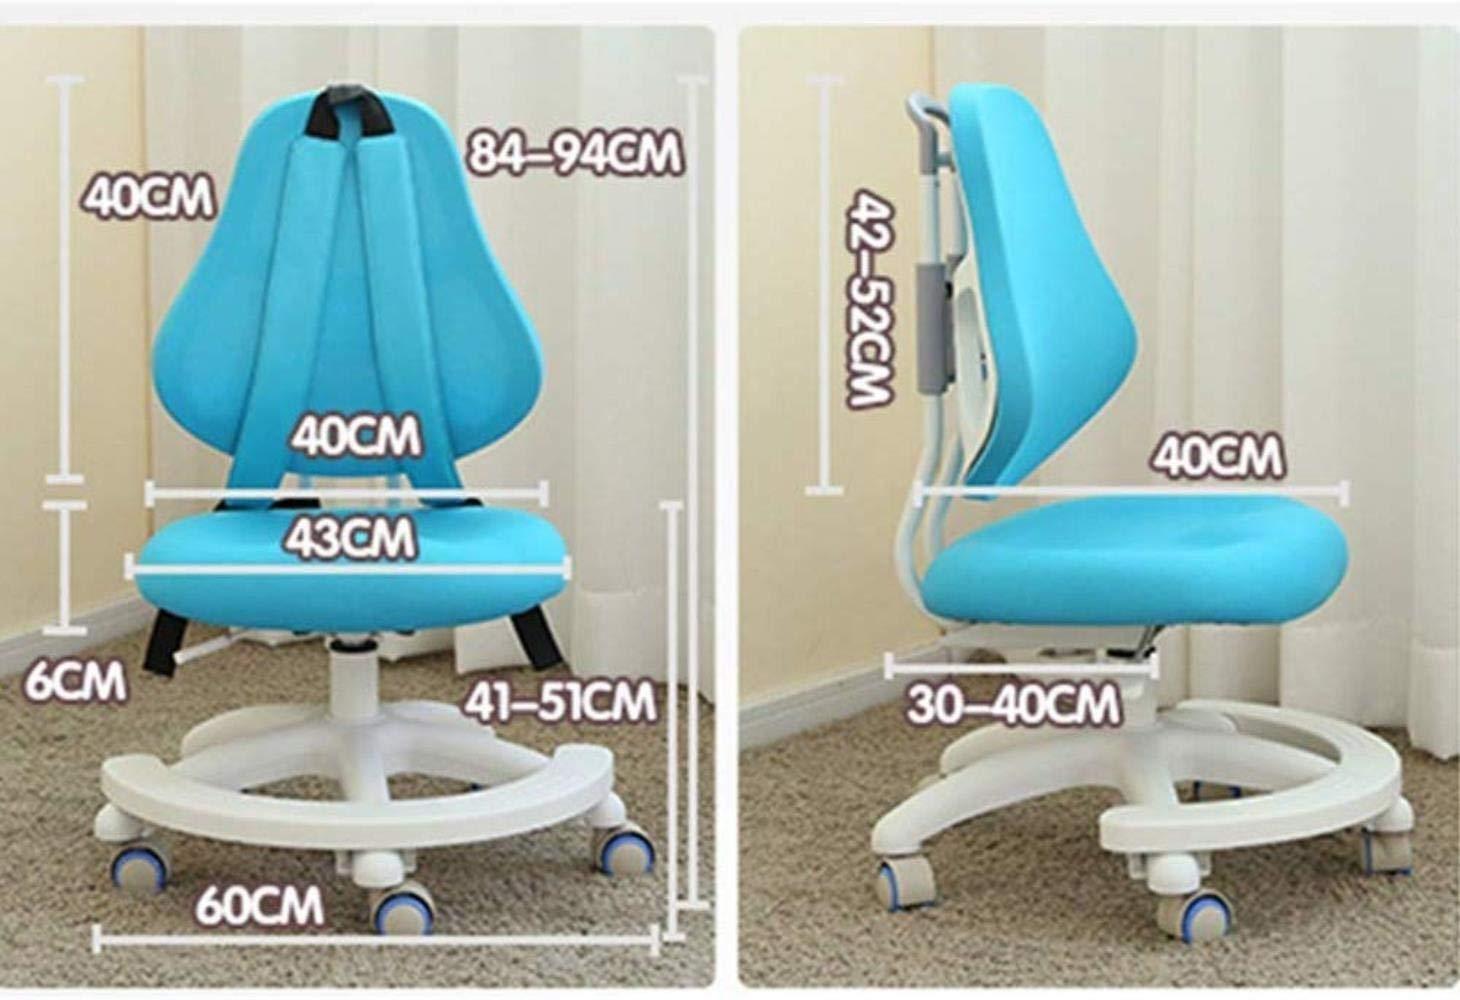 Xiuyun kontorsstol spelstol korrigerande stol justerbar studentstol hem baksida skriva sittande hållning korrigeringsstol barnstudiestol svängbar stol (färg: A) a